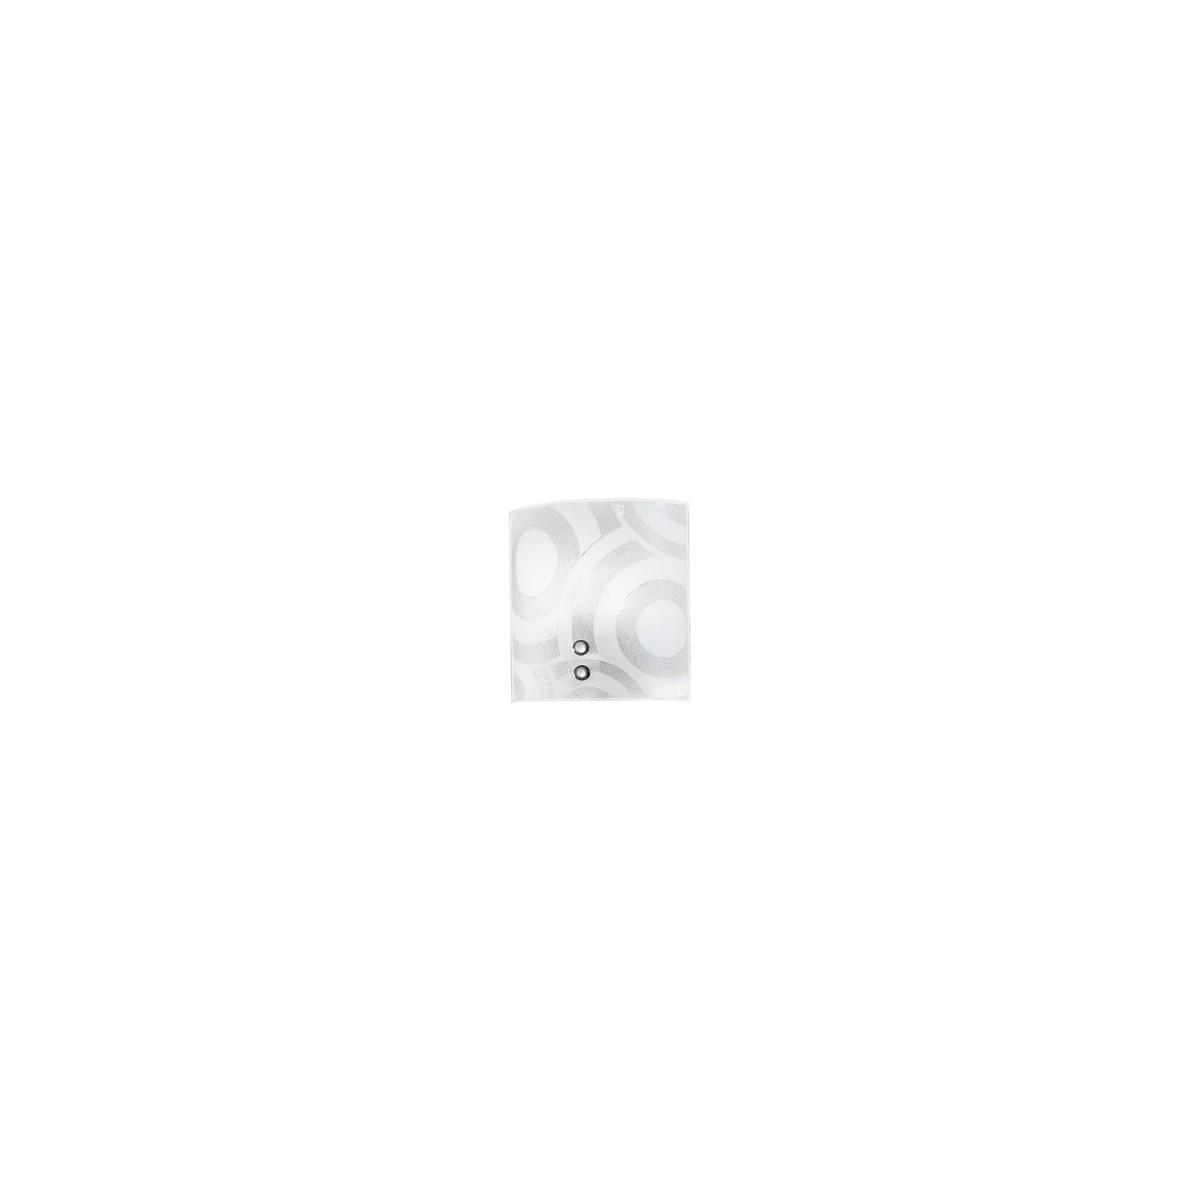 I-MIRO/AP - Applique Quadrata decoro Cerchi Vetro Graniglia Lampada da Parete Moderna E27